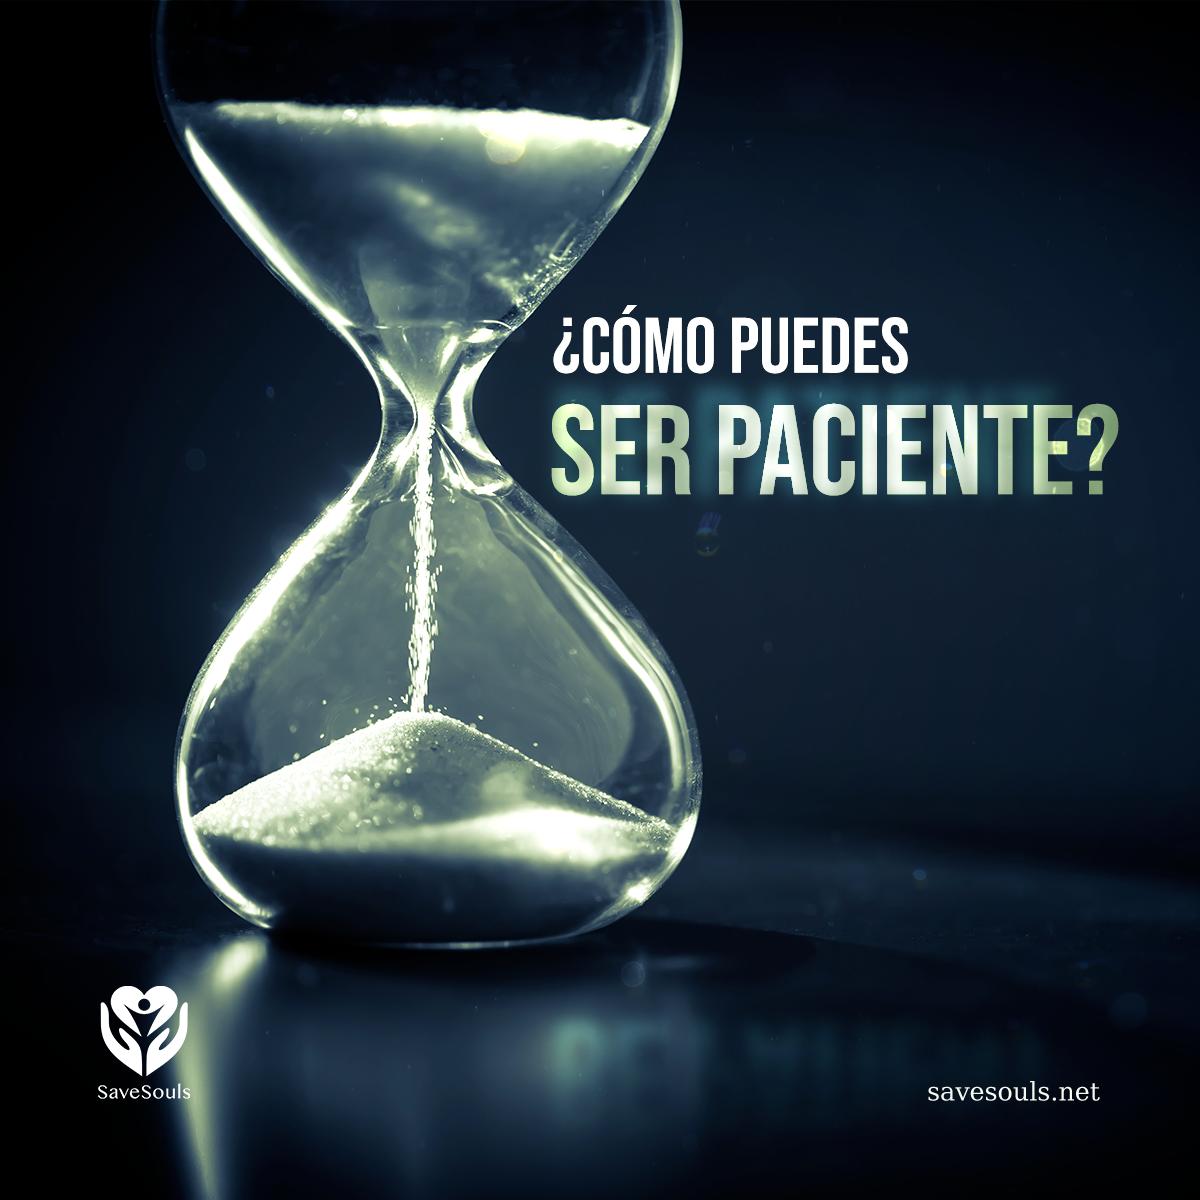 ¿Cómo puedes ser paciente?